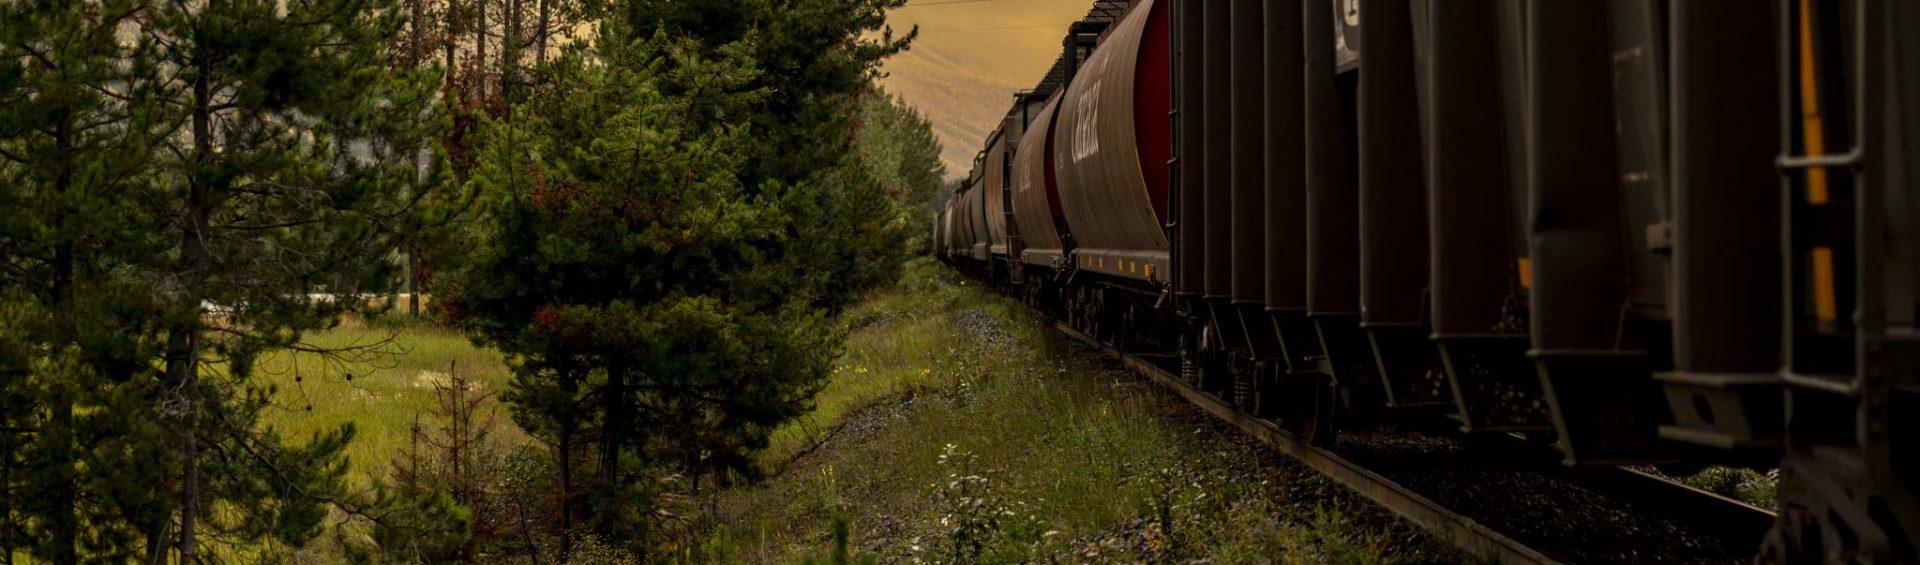 Reisebericht: USA & Canada von Seattle bis Bella Colla - British Columbia im griff der Waldbrände